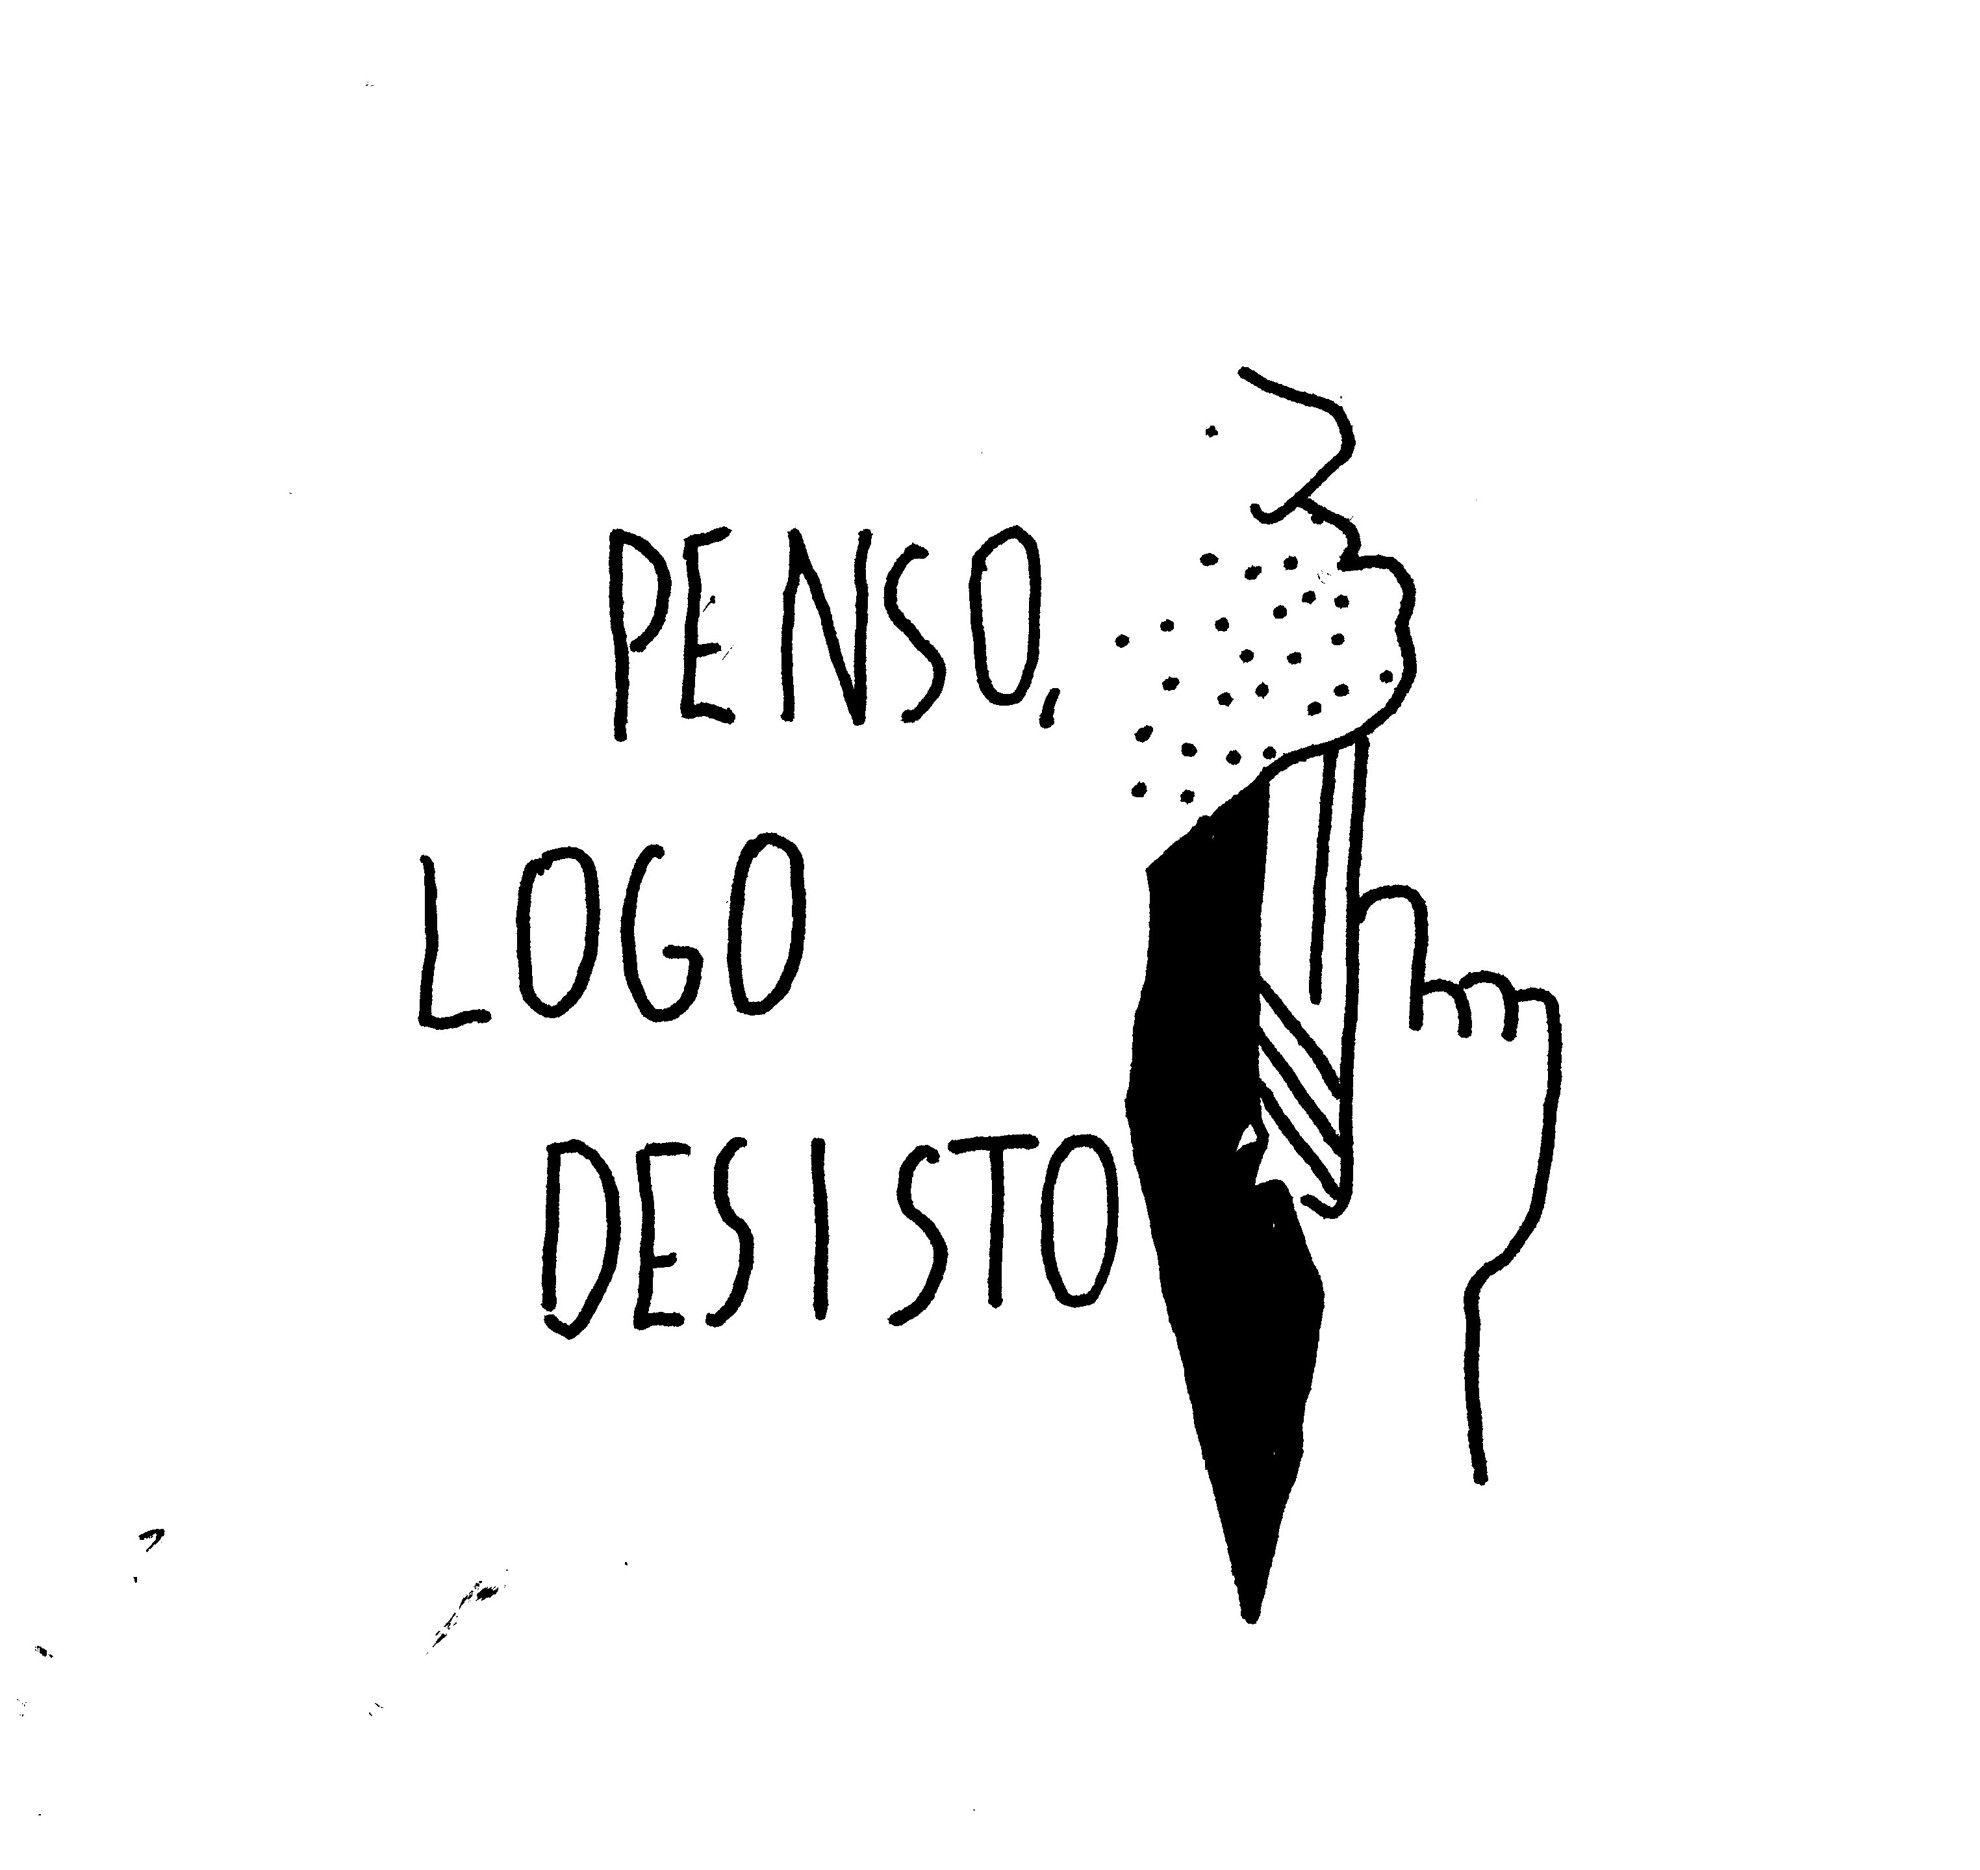 PENSO, LOGO DESISTO